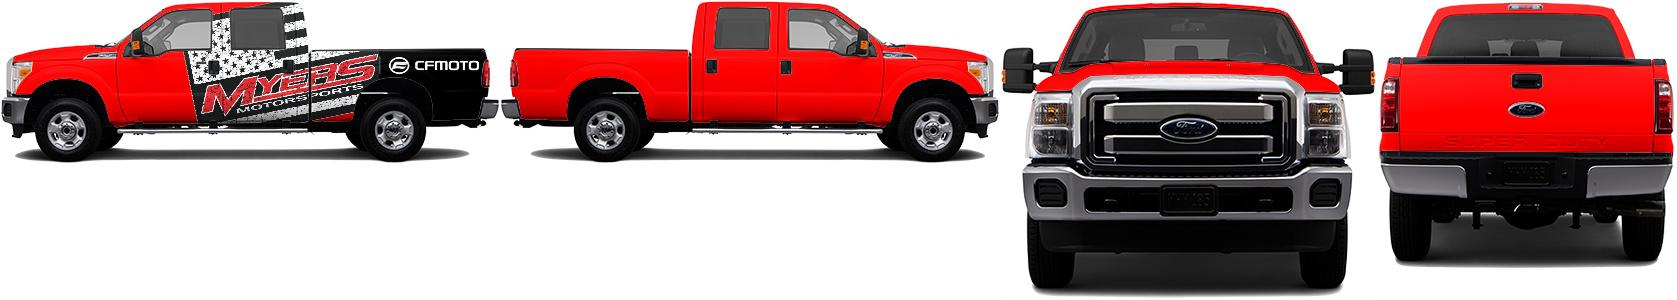 Truck Wrap #45005